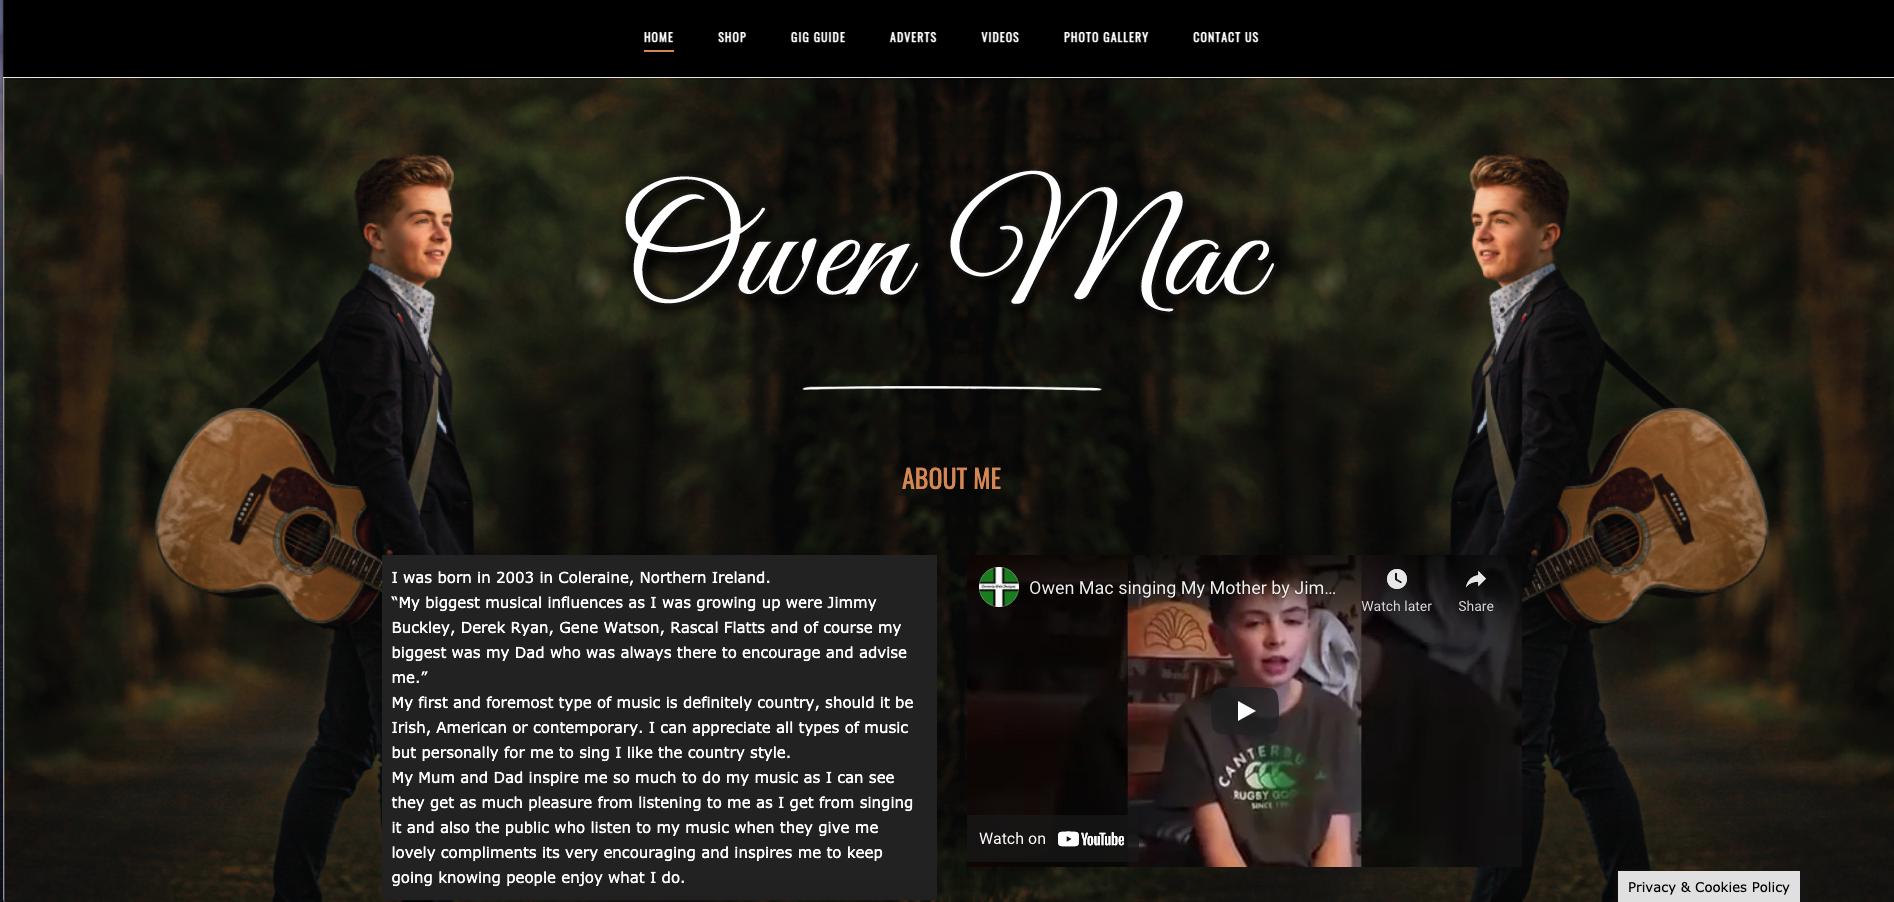 OwenMac